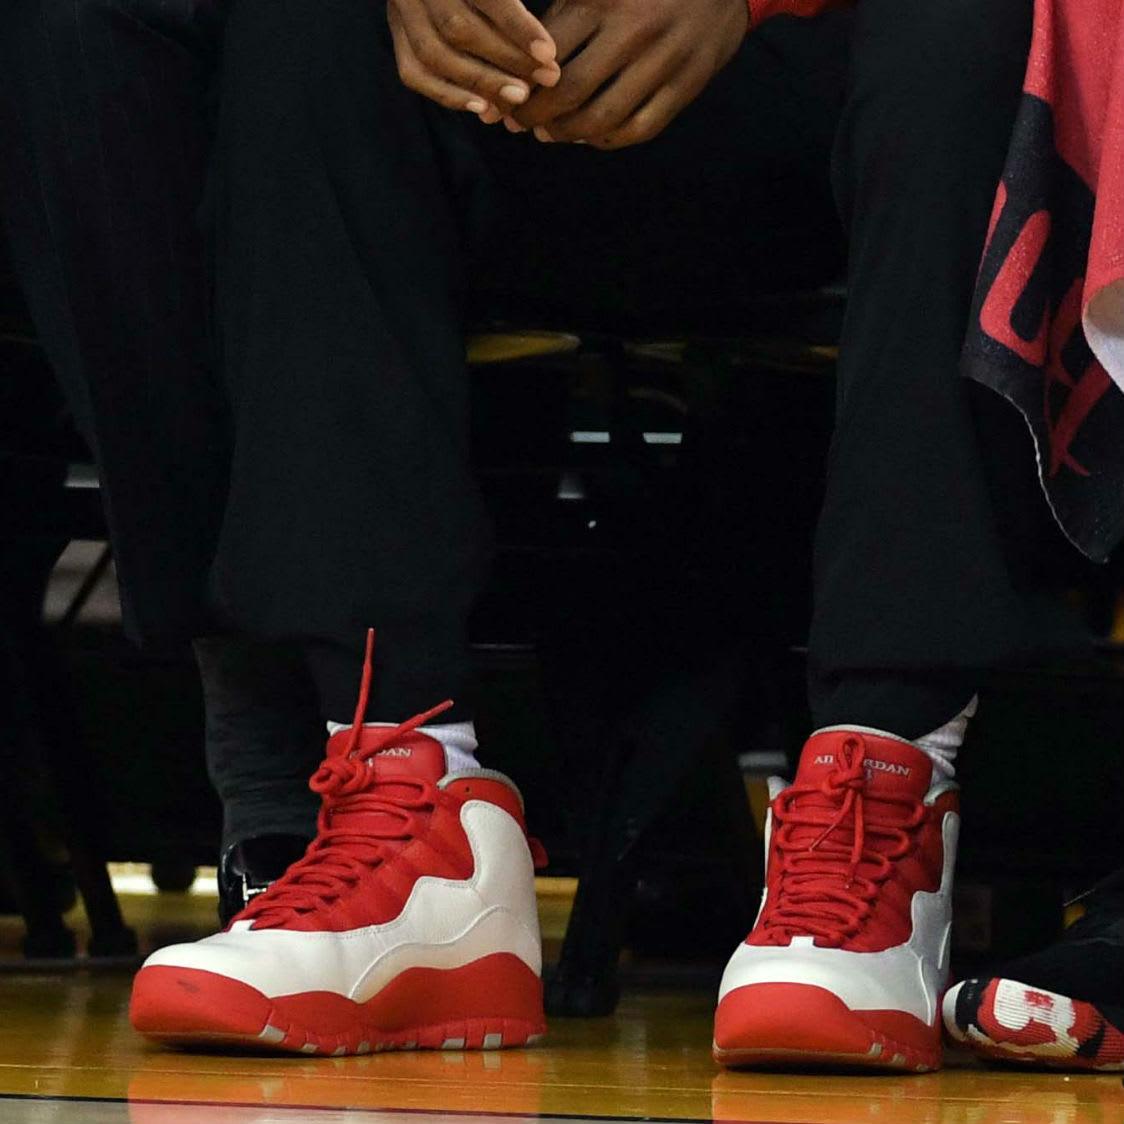 Chris Paul Air Jordan 10 X Rockets PE On-Foot